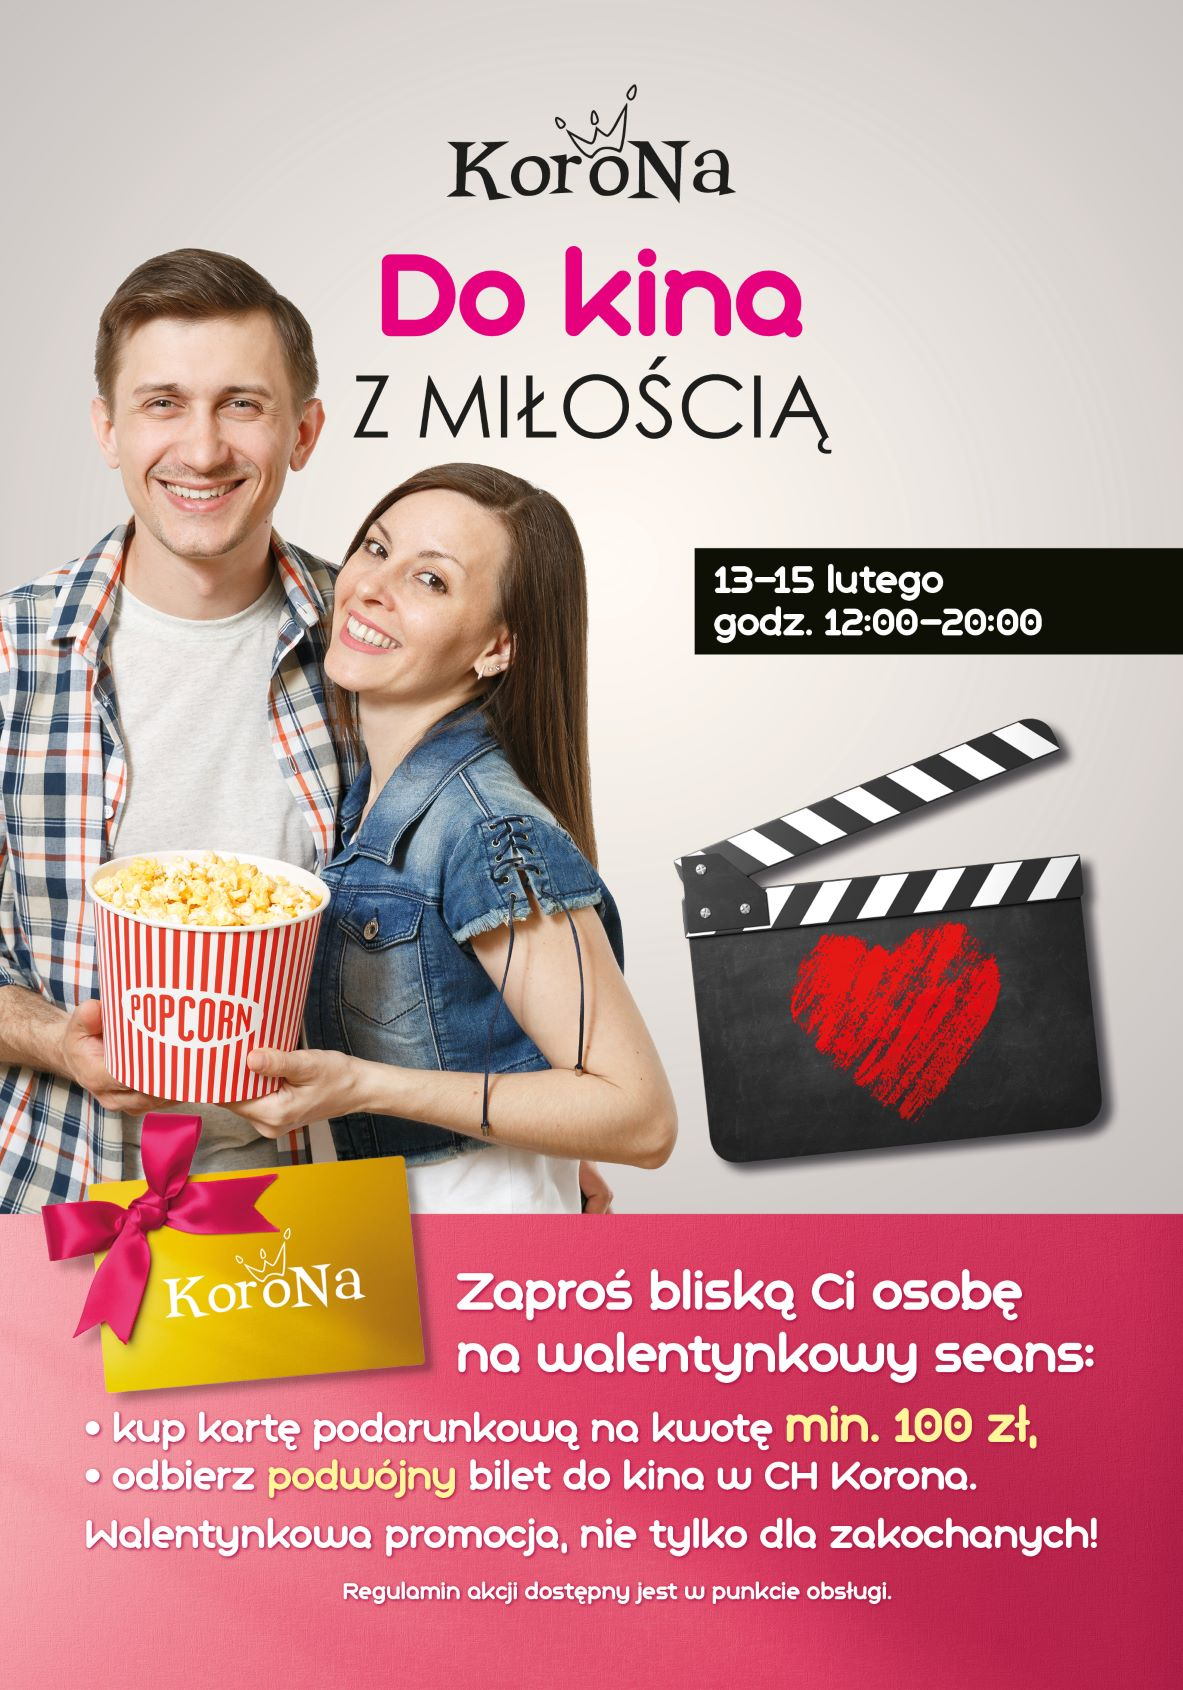 Centrum Korona rozdaje bilety do kina na Walentynki